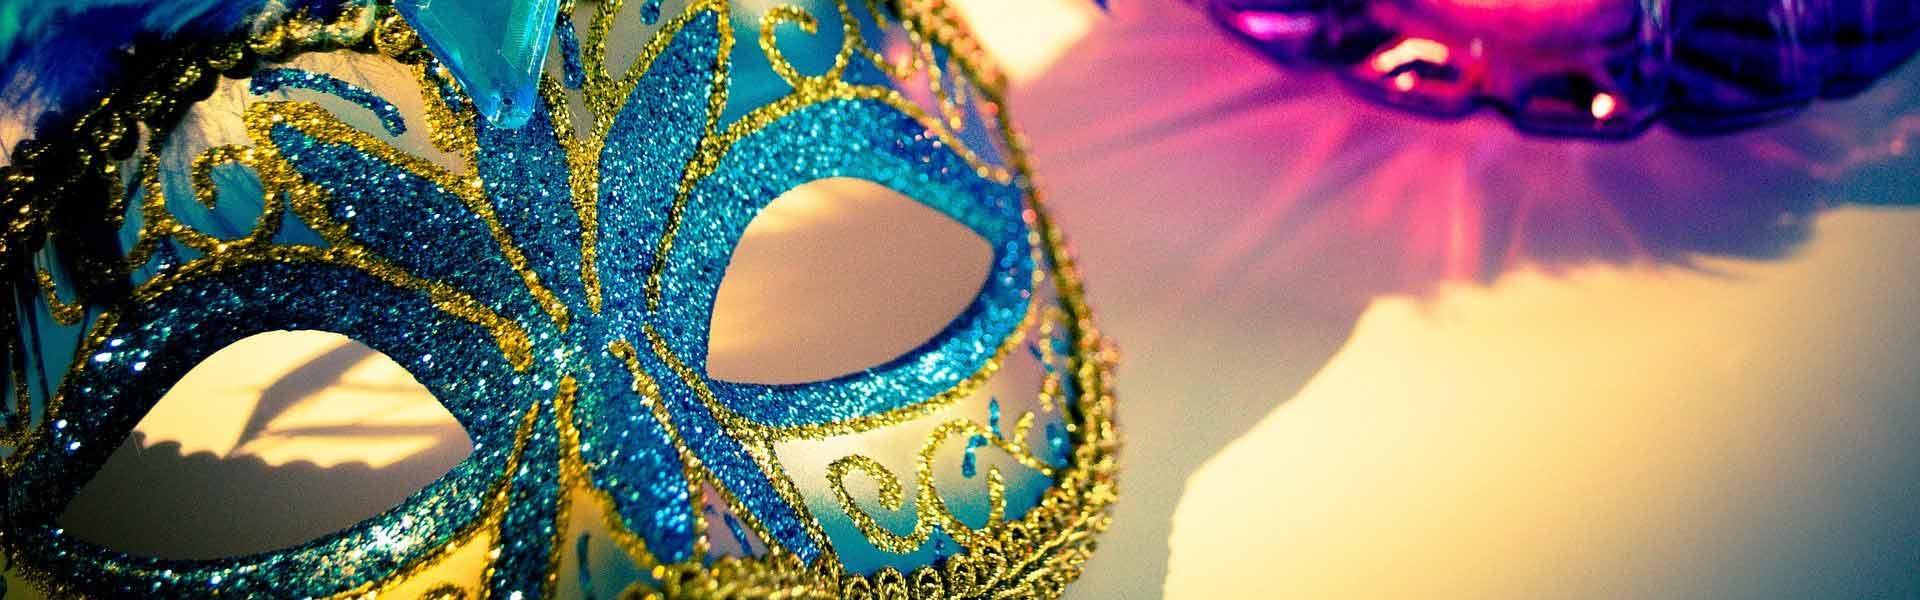 Venetian Mask for Mardi Gras